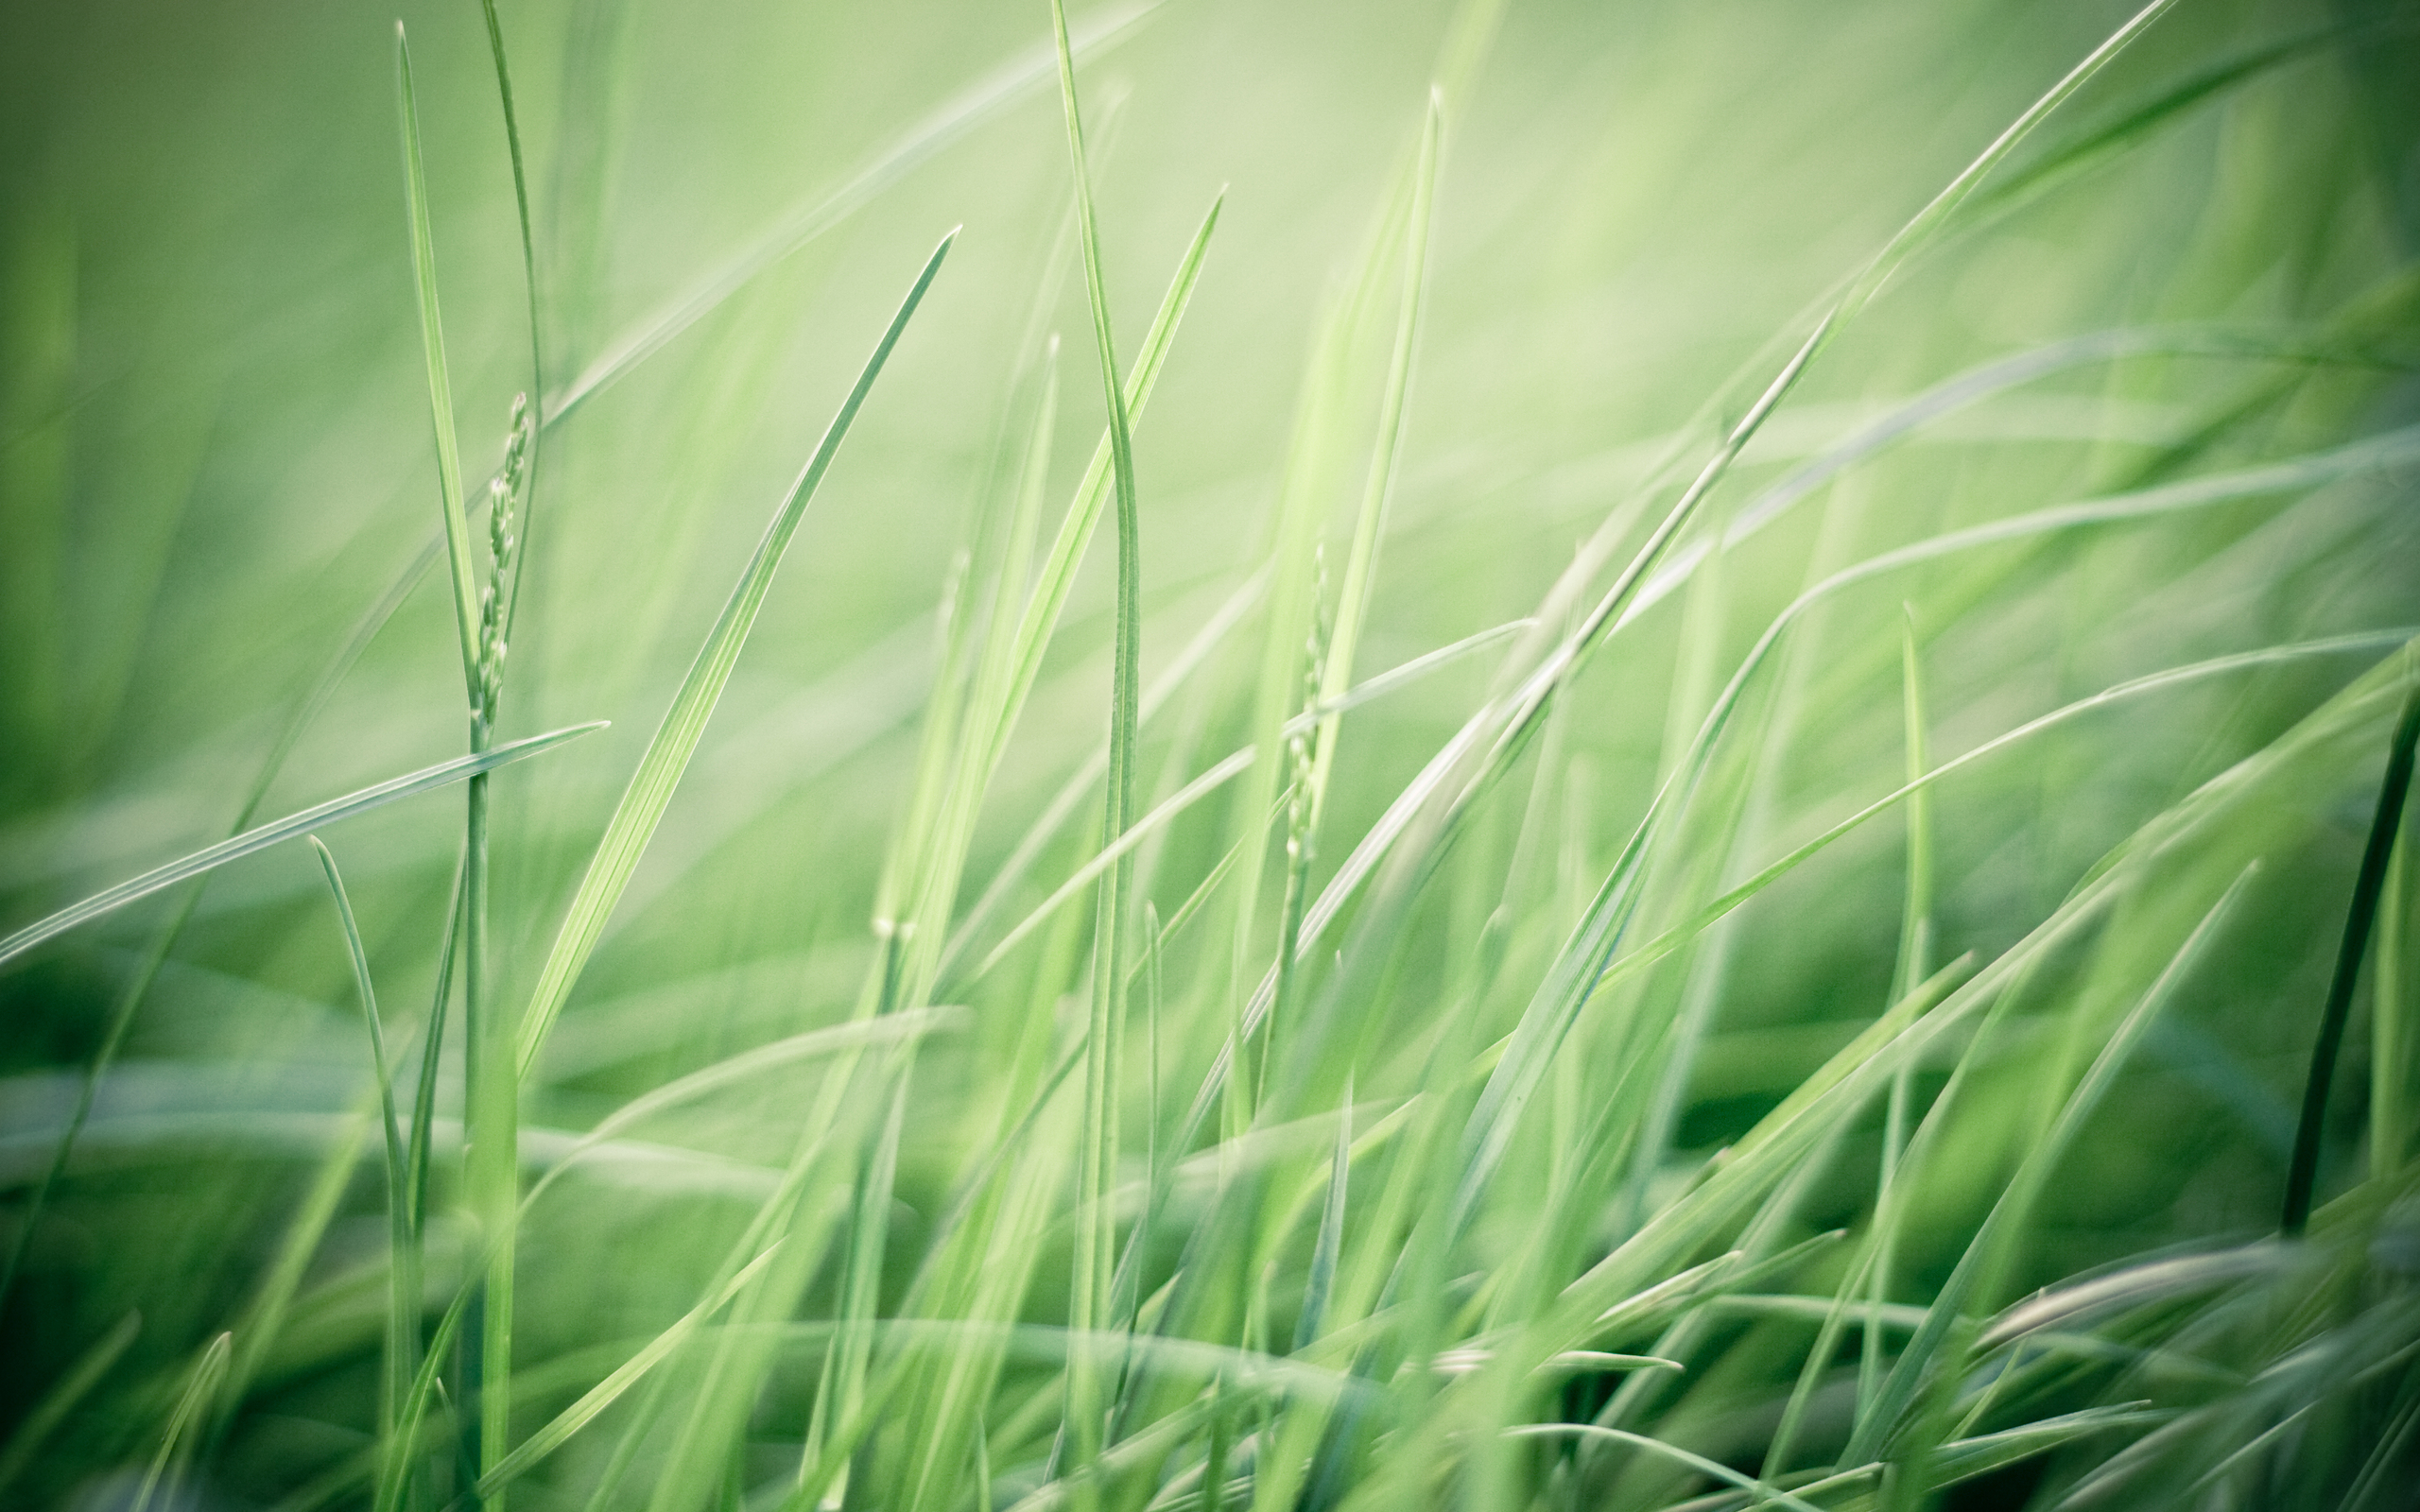 трава природа макро бесплатно